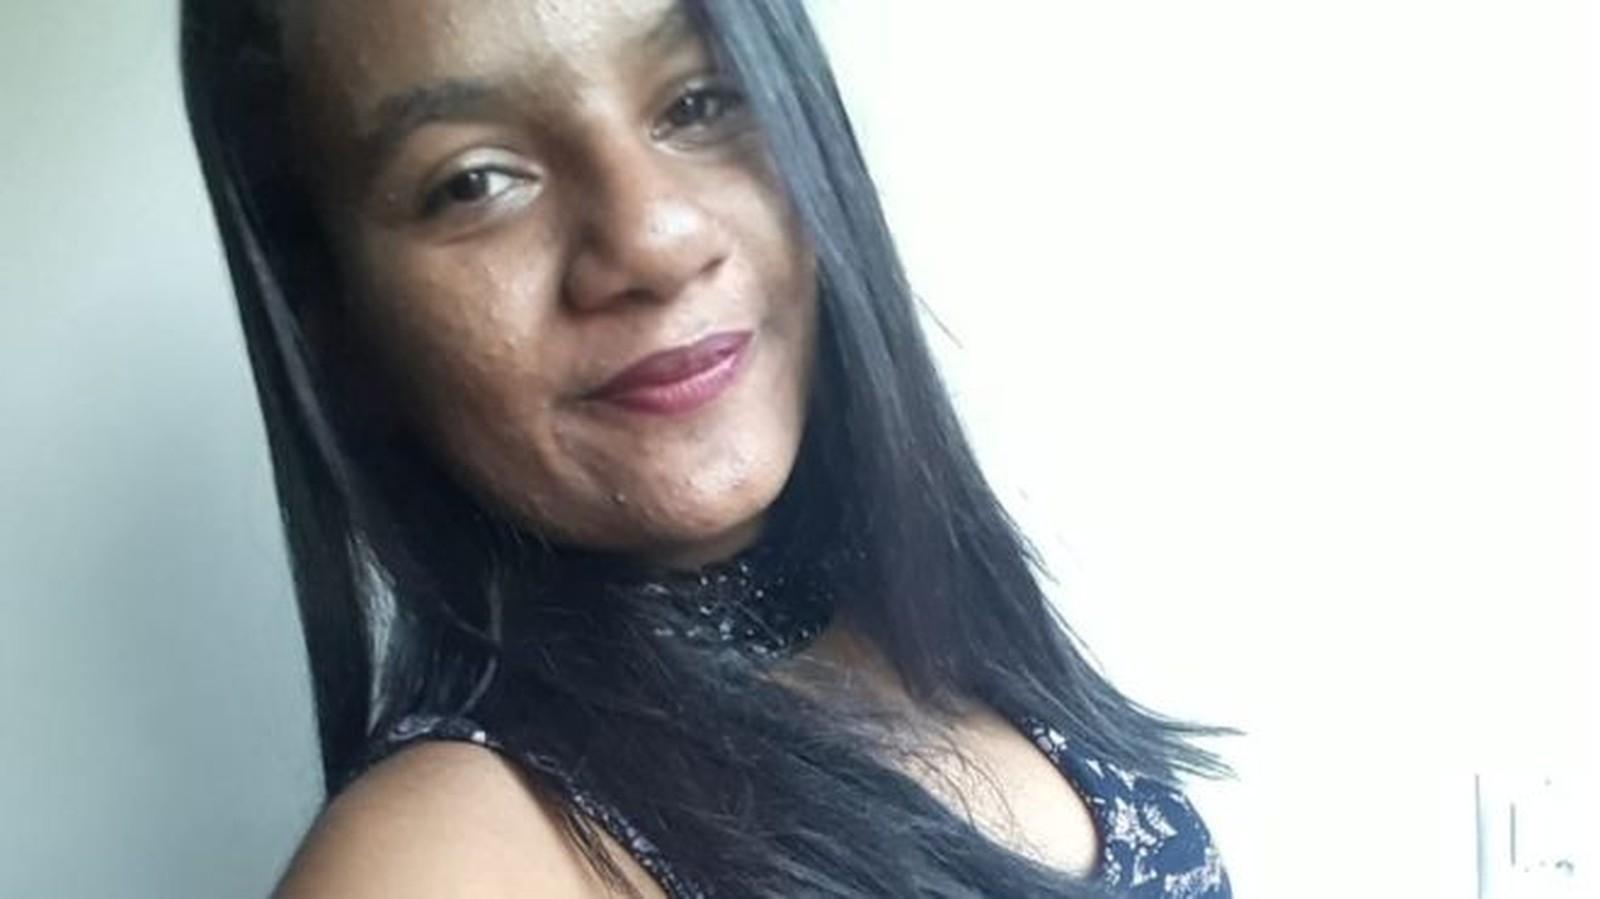 Última sobrevivente internada da tragédia de Brumadinho tem alta